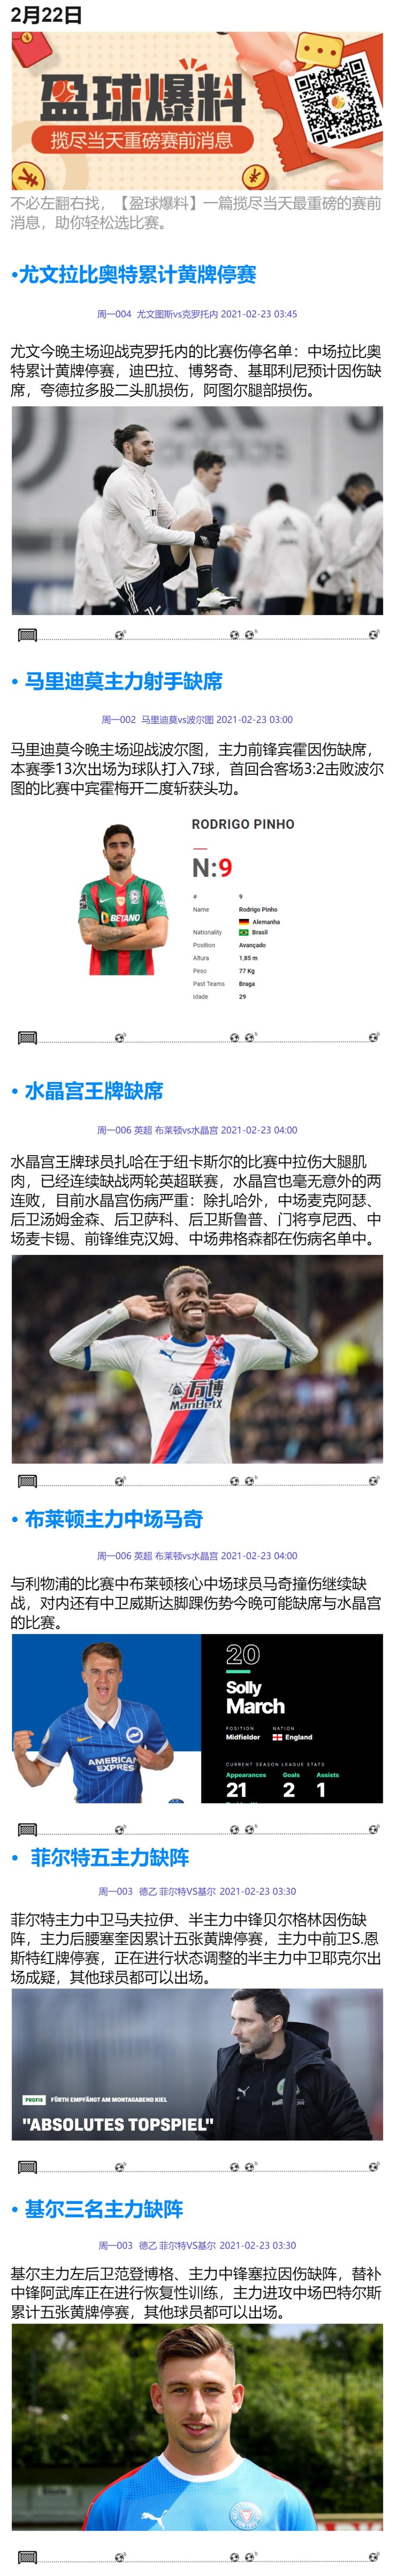 https://cdn.ttyingqiu.com/news/image/2021/2/22/202102221138000005.png